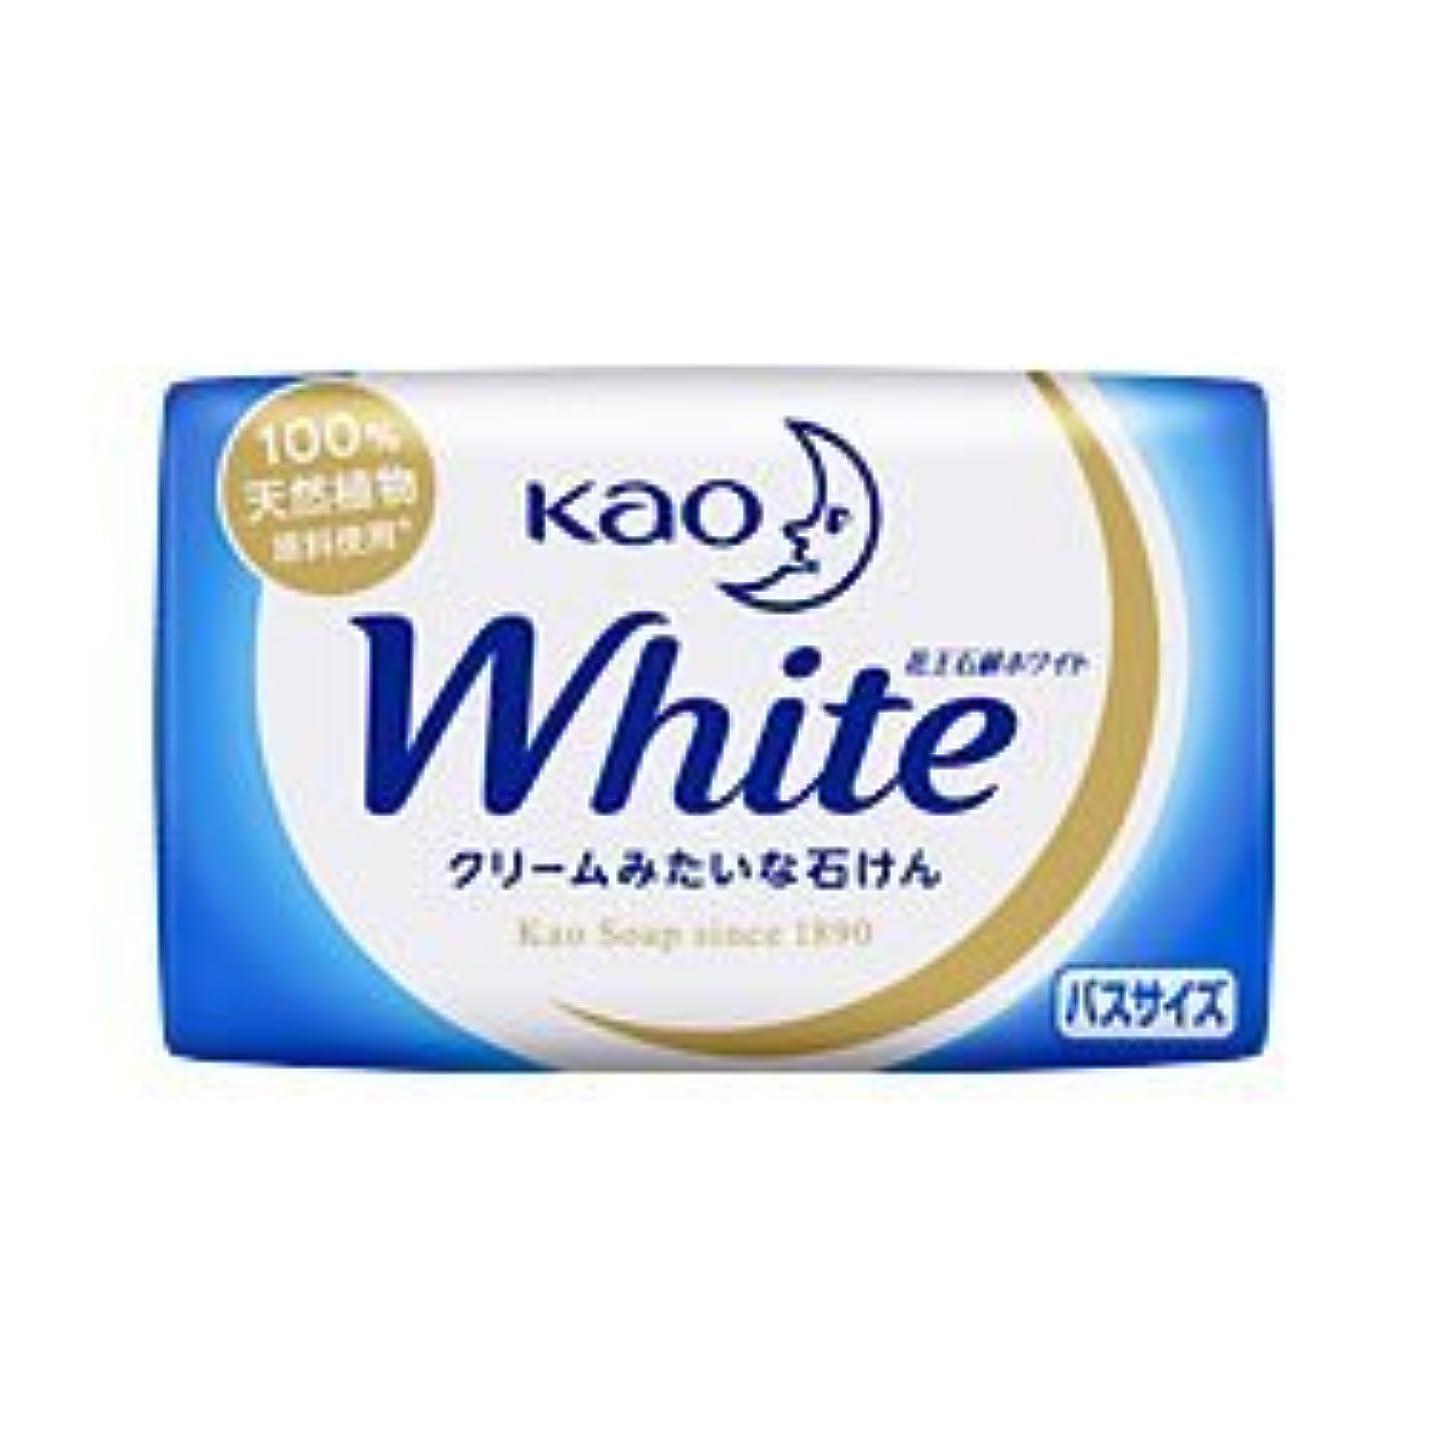 びっくり任命する写真【花王】花王ホワイト バスサイズ 1個 130g ×20個セット